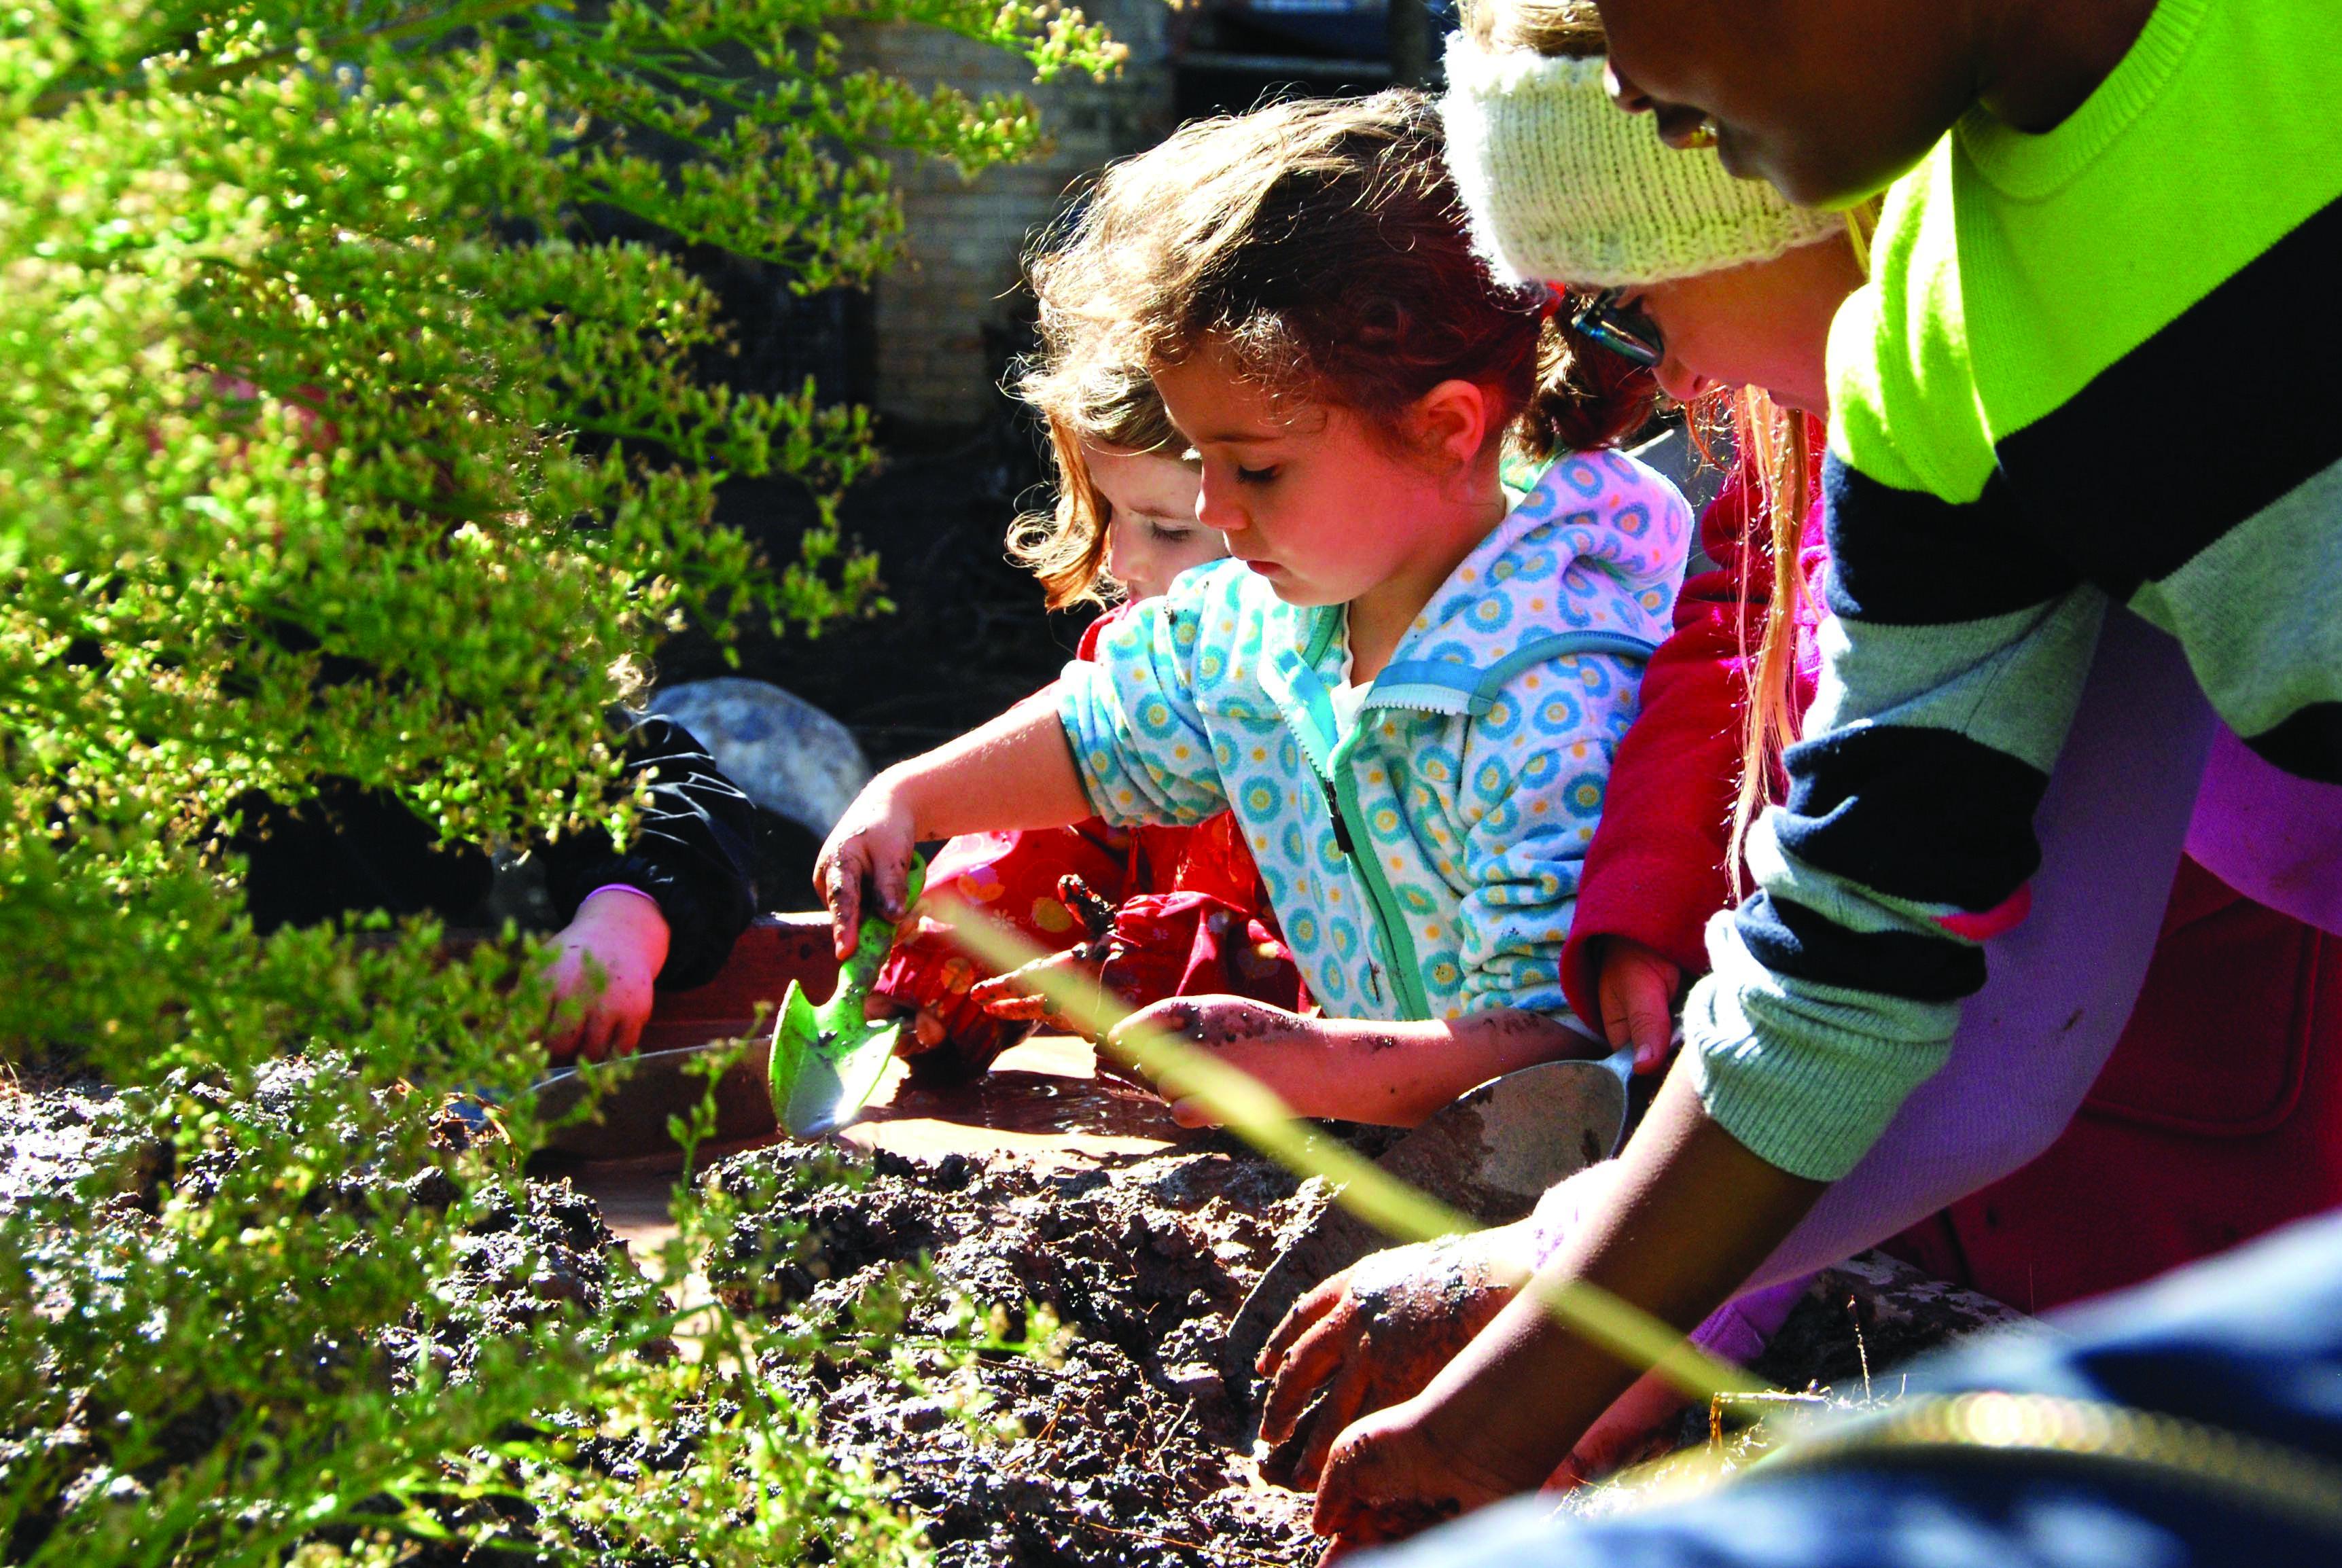 Children work with their hands in the garden.